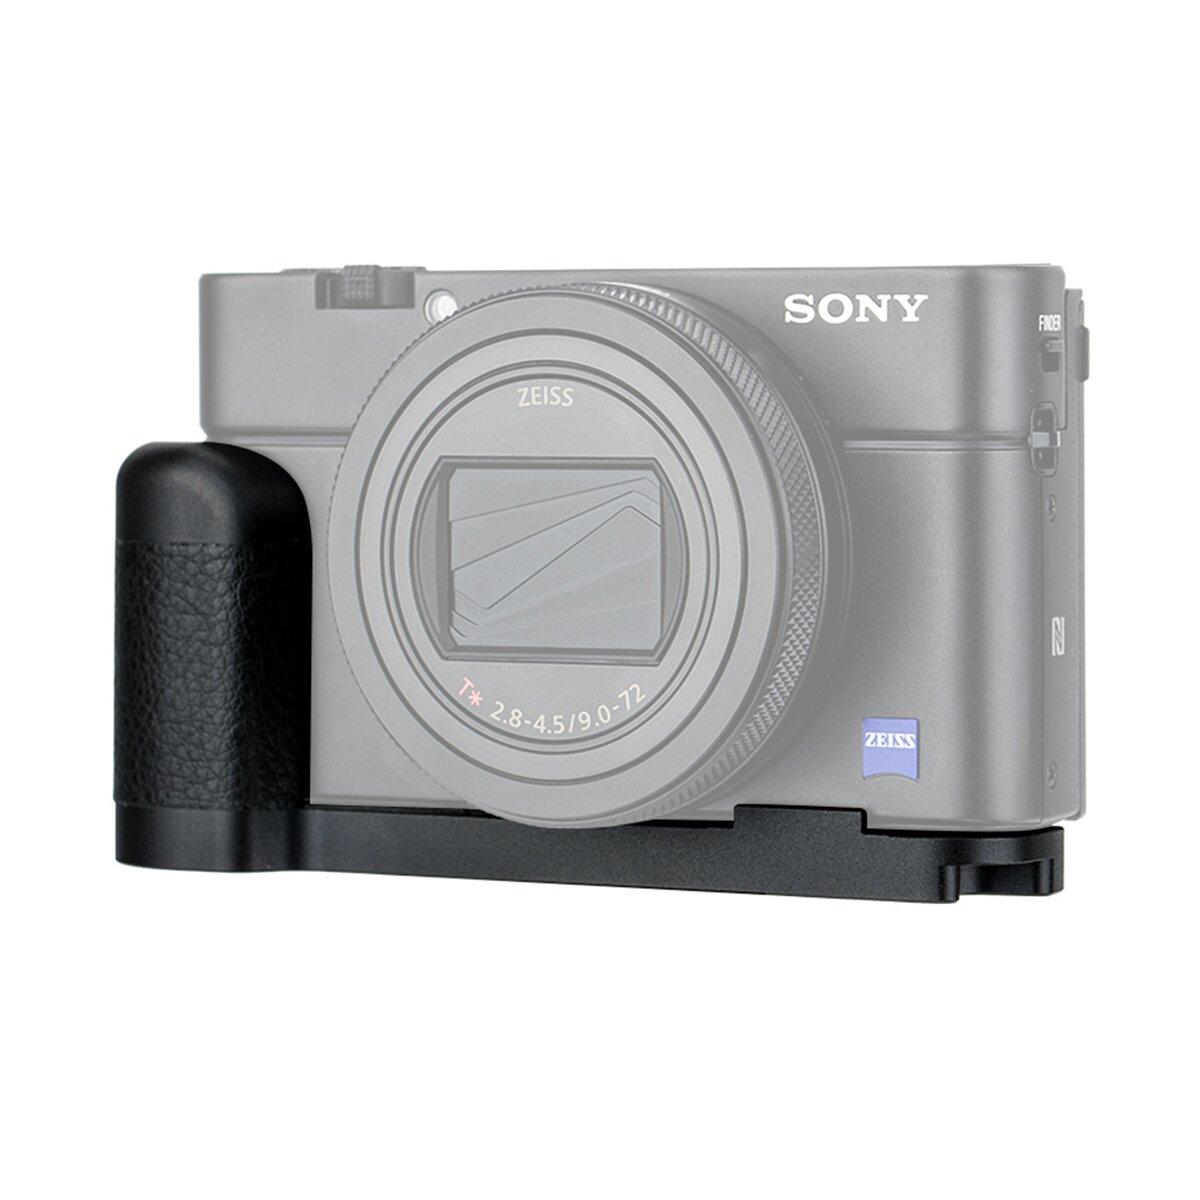 JJC Kameragriff, Kompatibel mit Sony RX100 VII   Verbesserte Handhabung, ausreichende Auflagefläche   Arca Swiss kompatibel mit Stativgewinde - HG-RX100VII